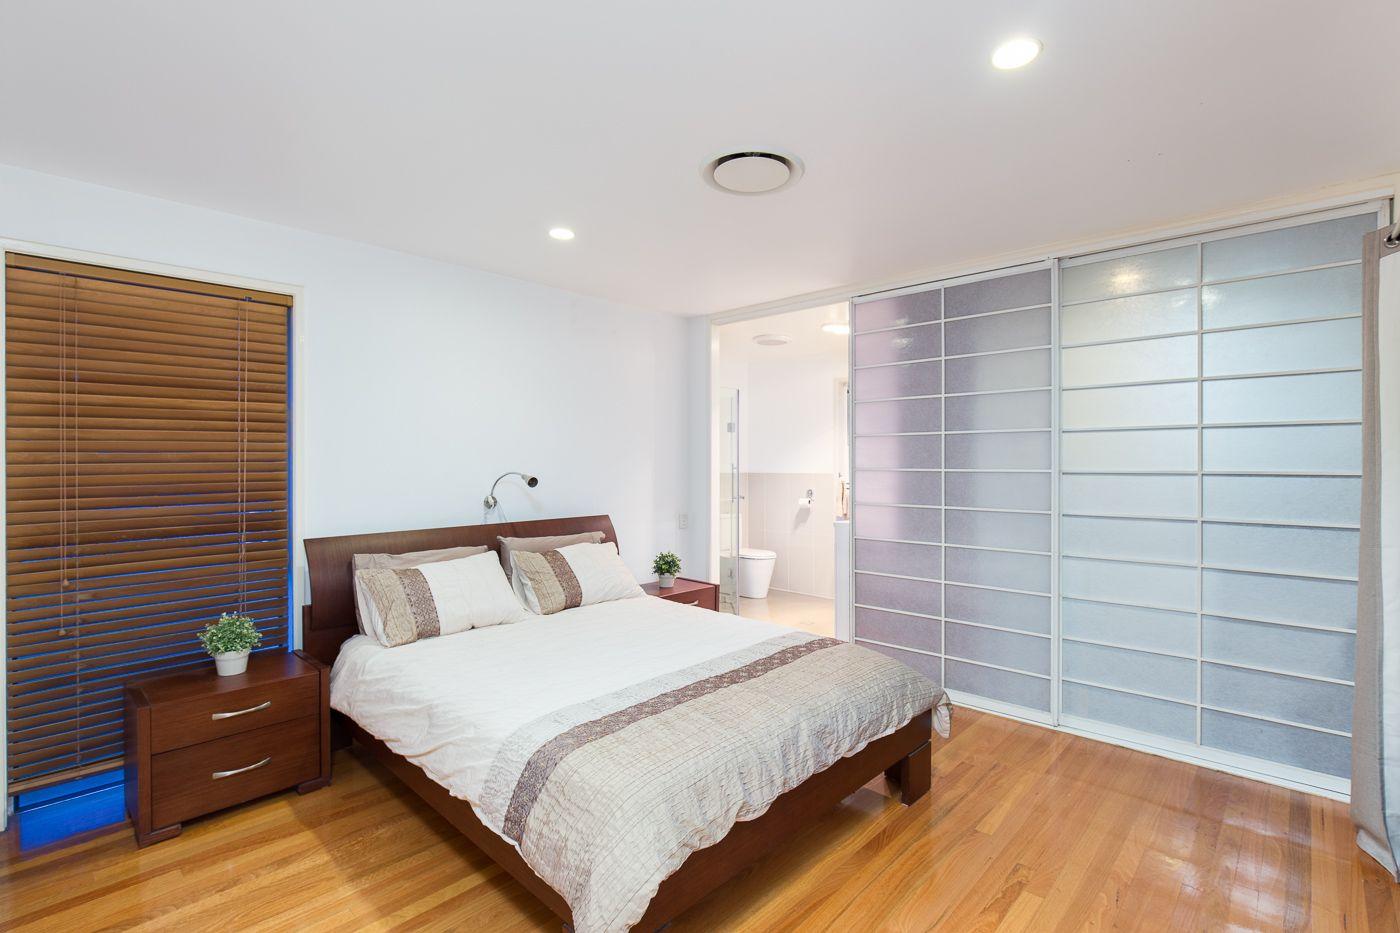 70 Gerler Street Bardon 4065